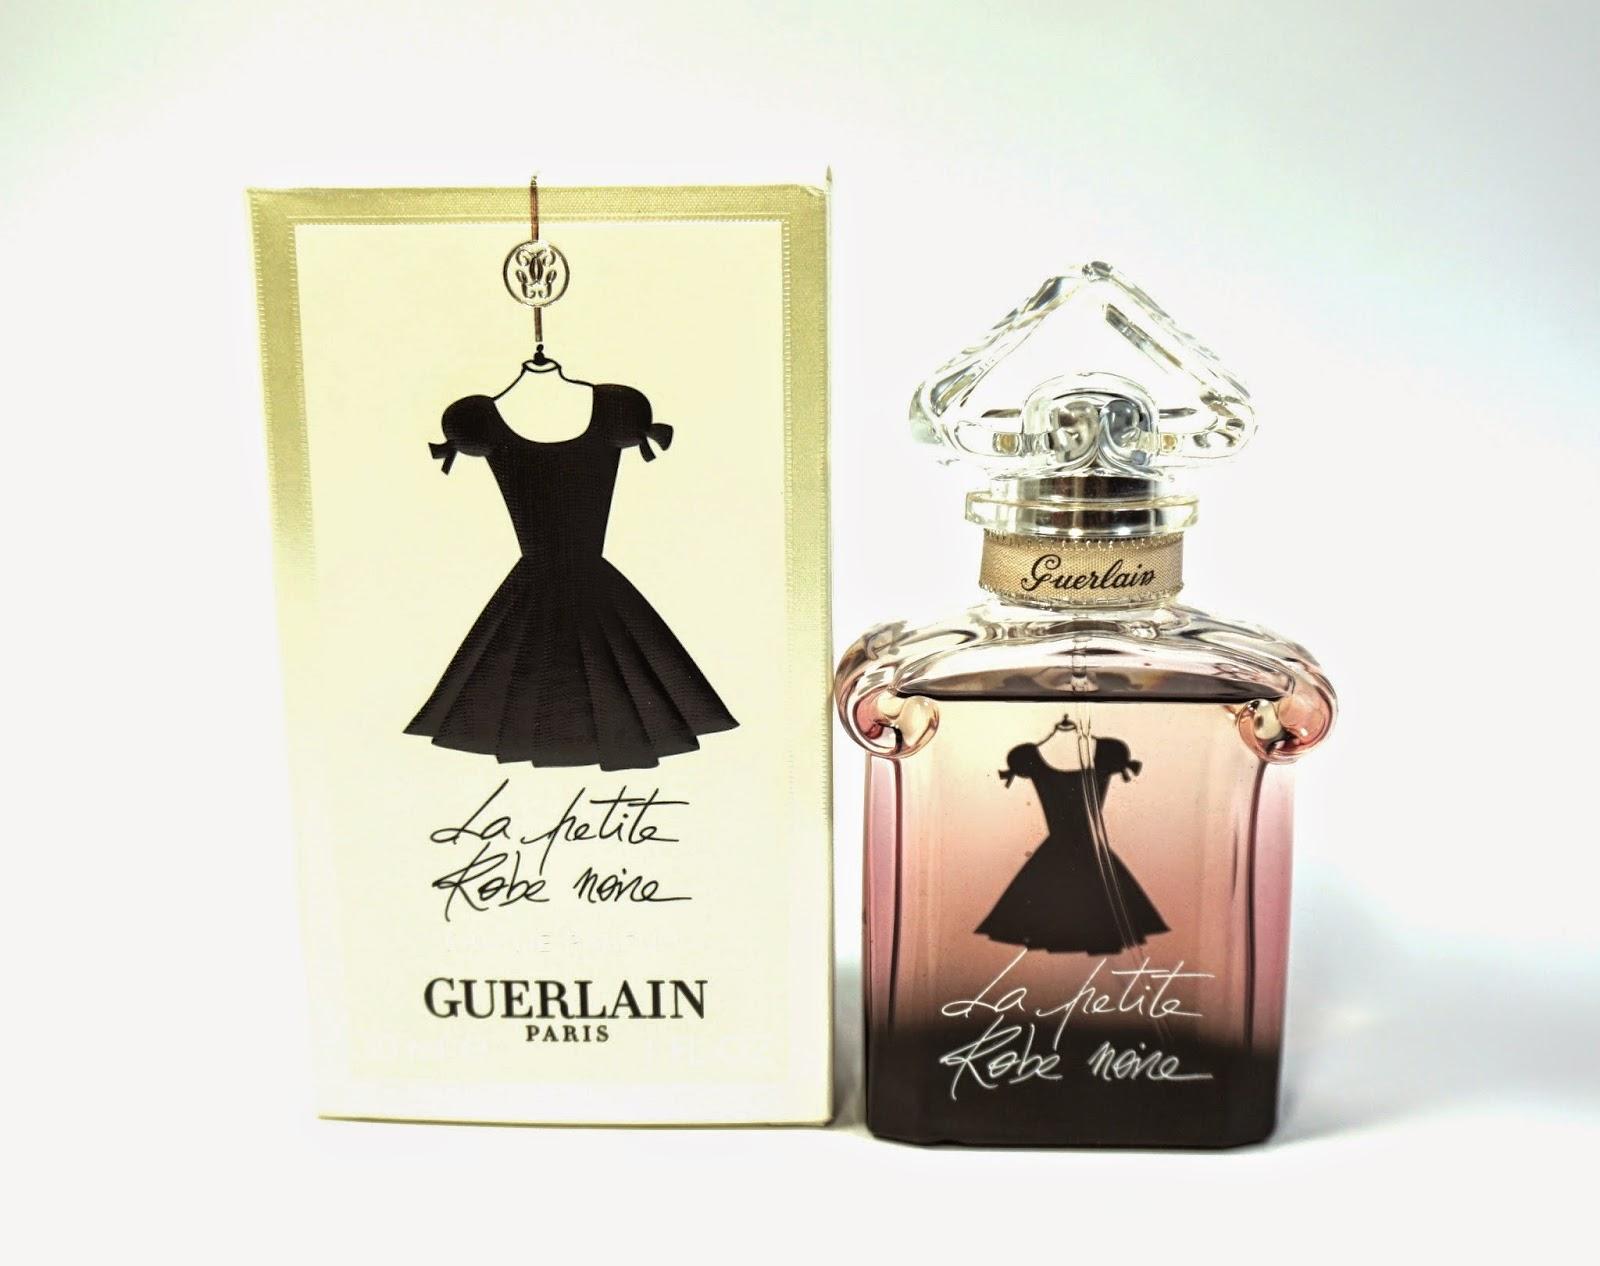 Guerlain la petite robe noire edp review the beauty junkee - Guerlain petite robe noire ...